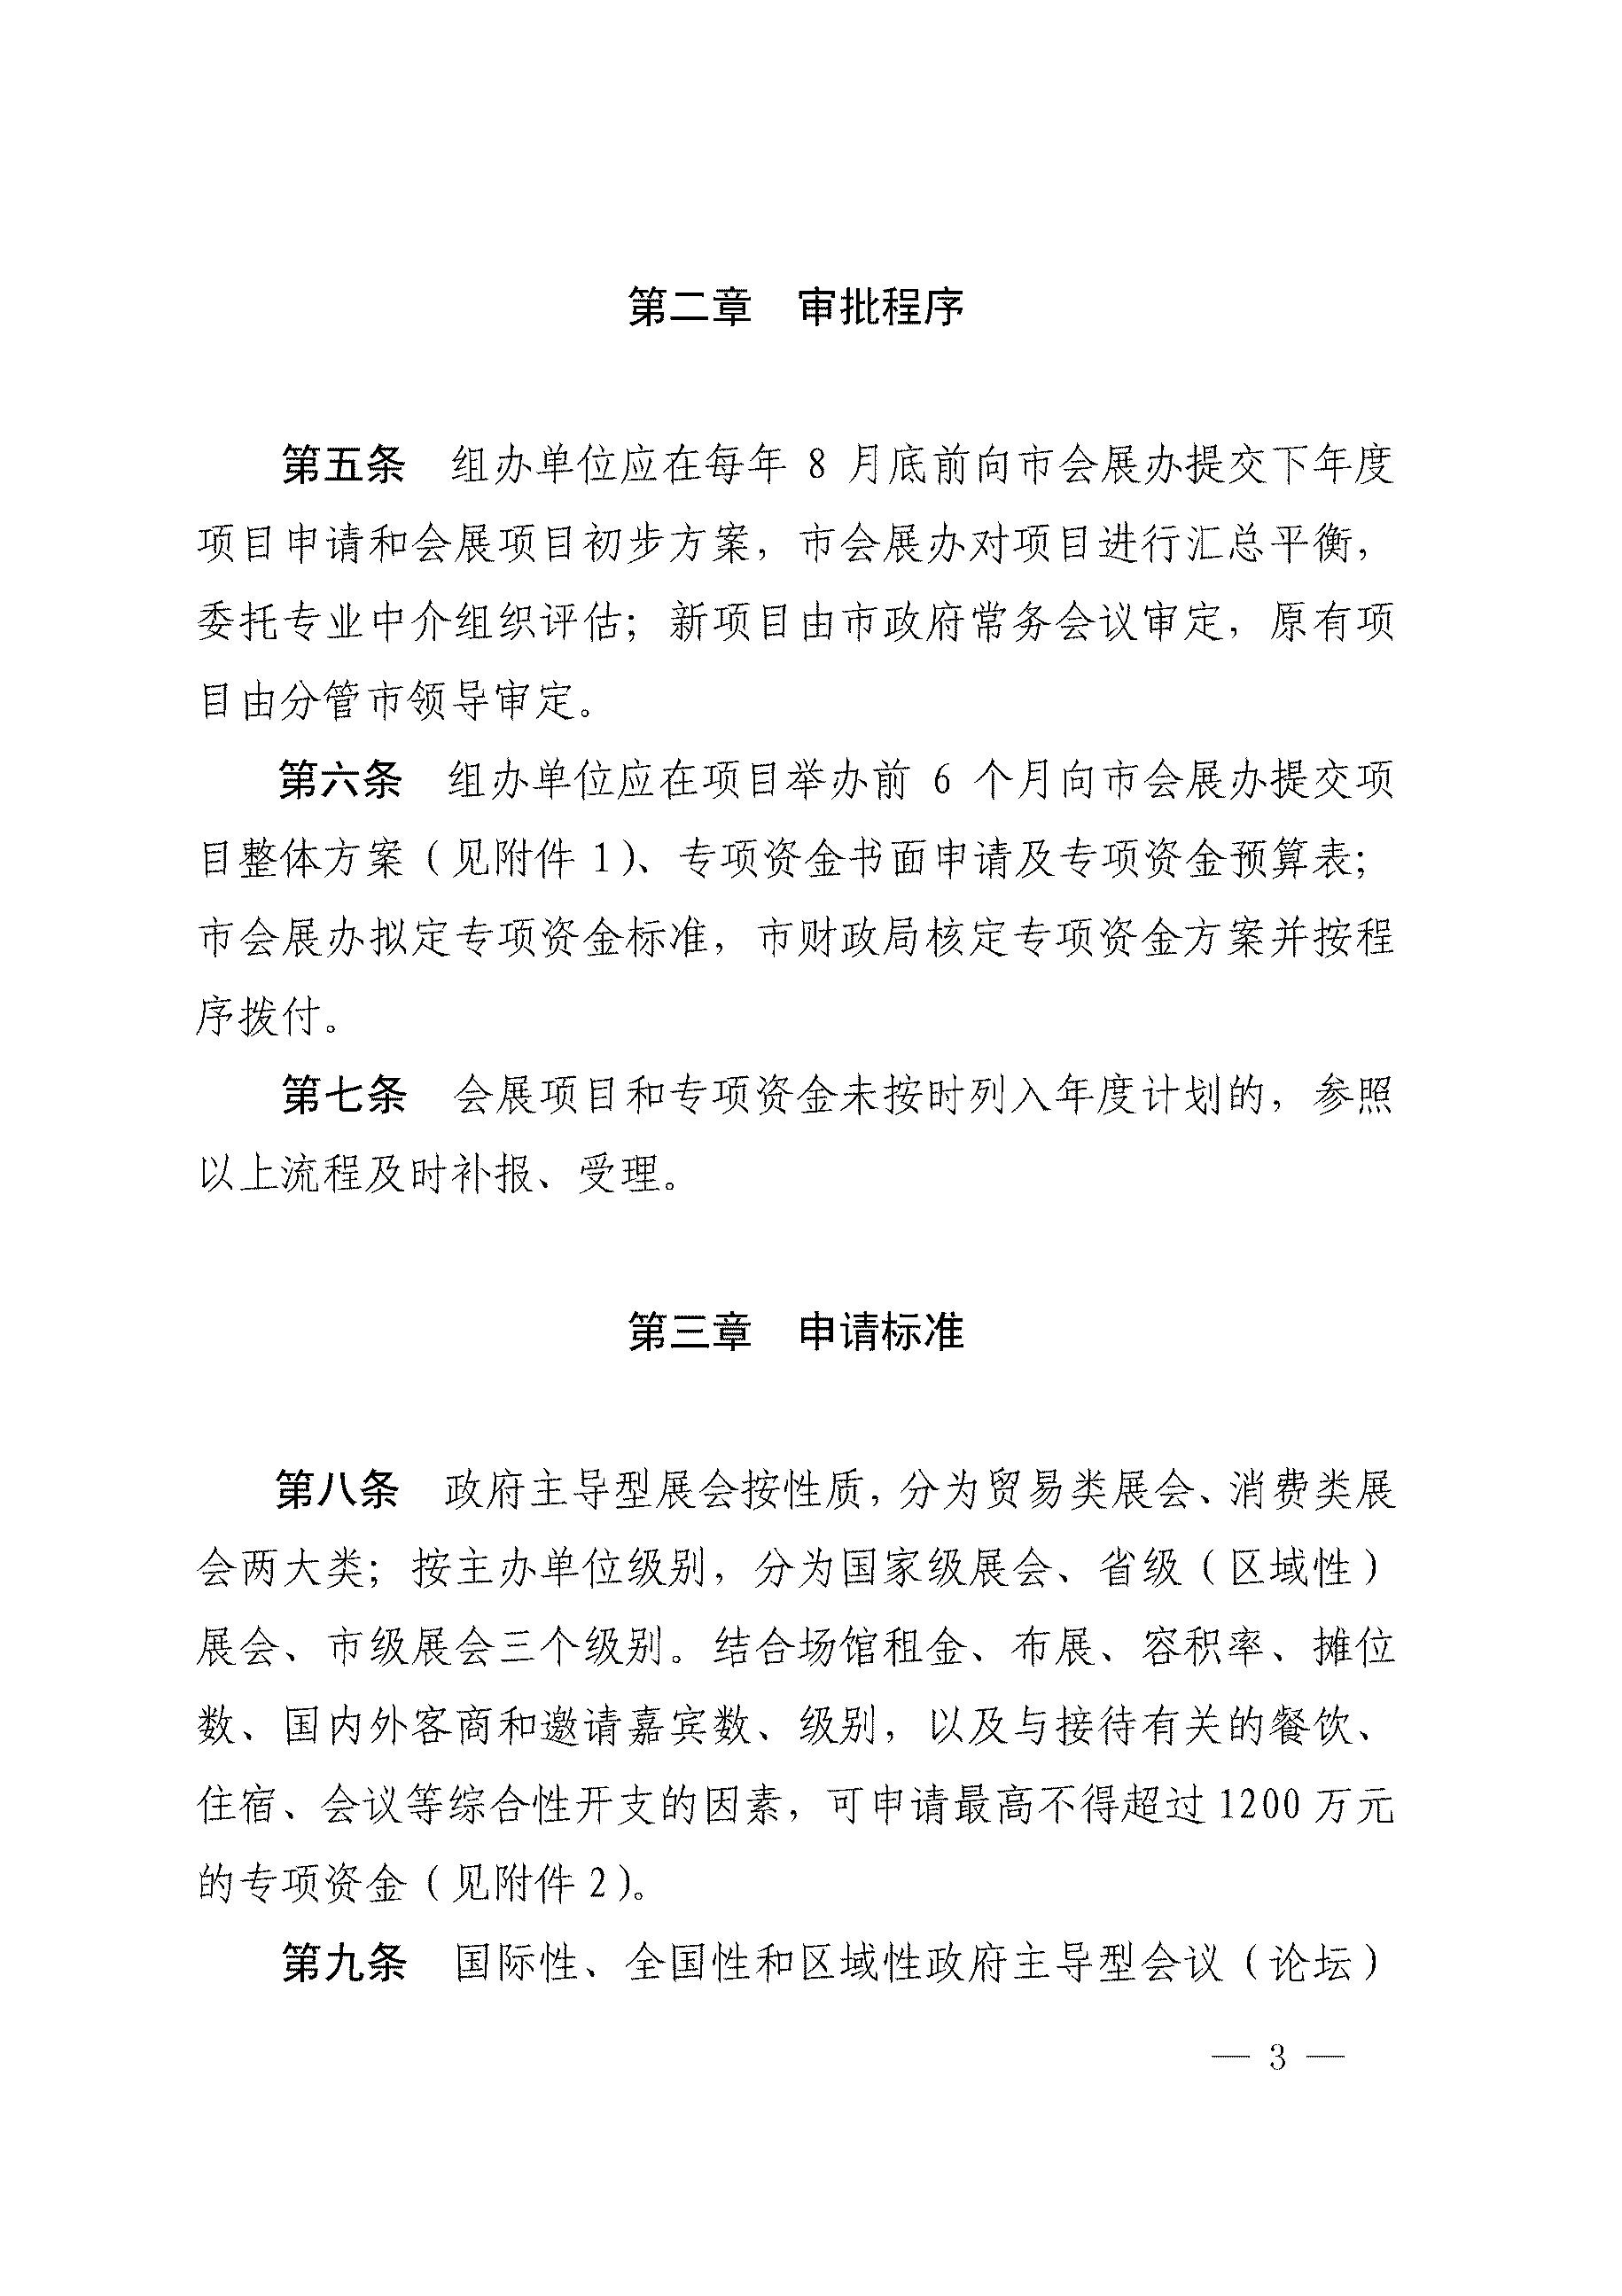 【新】宁波市人民政府办公厅关于印发宁波市本级政府主导型会展项目和经费使用管理办法的通知_p3.jpg